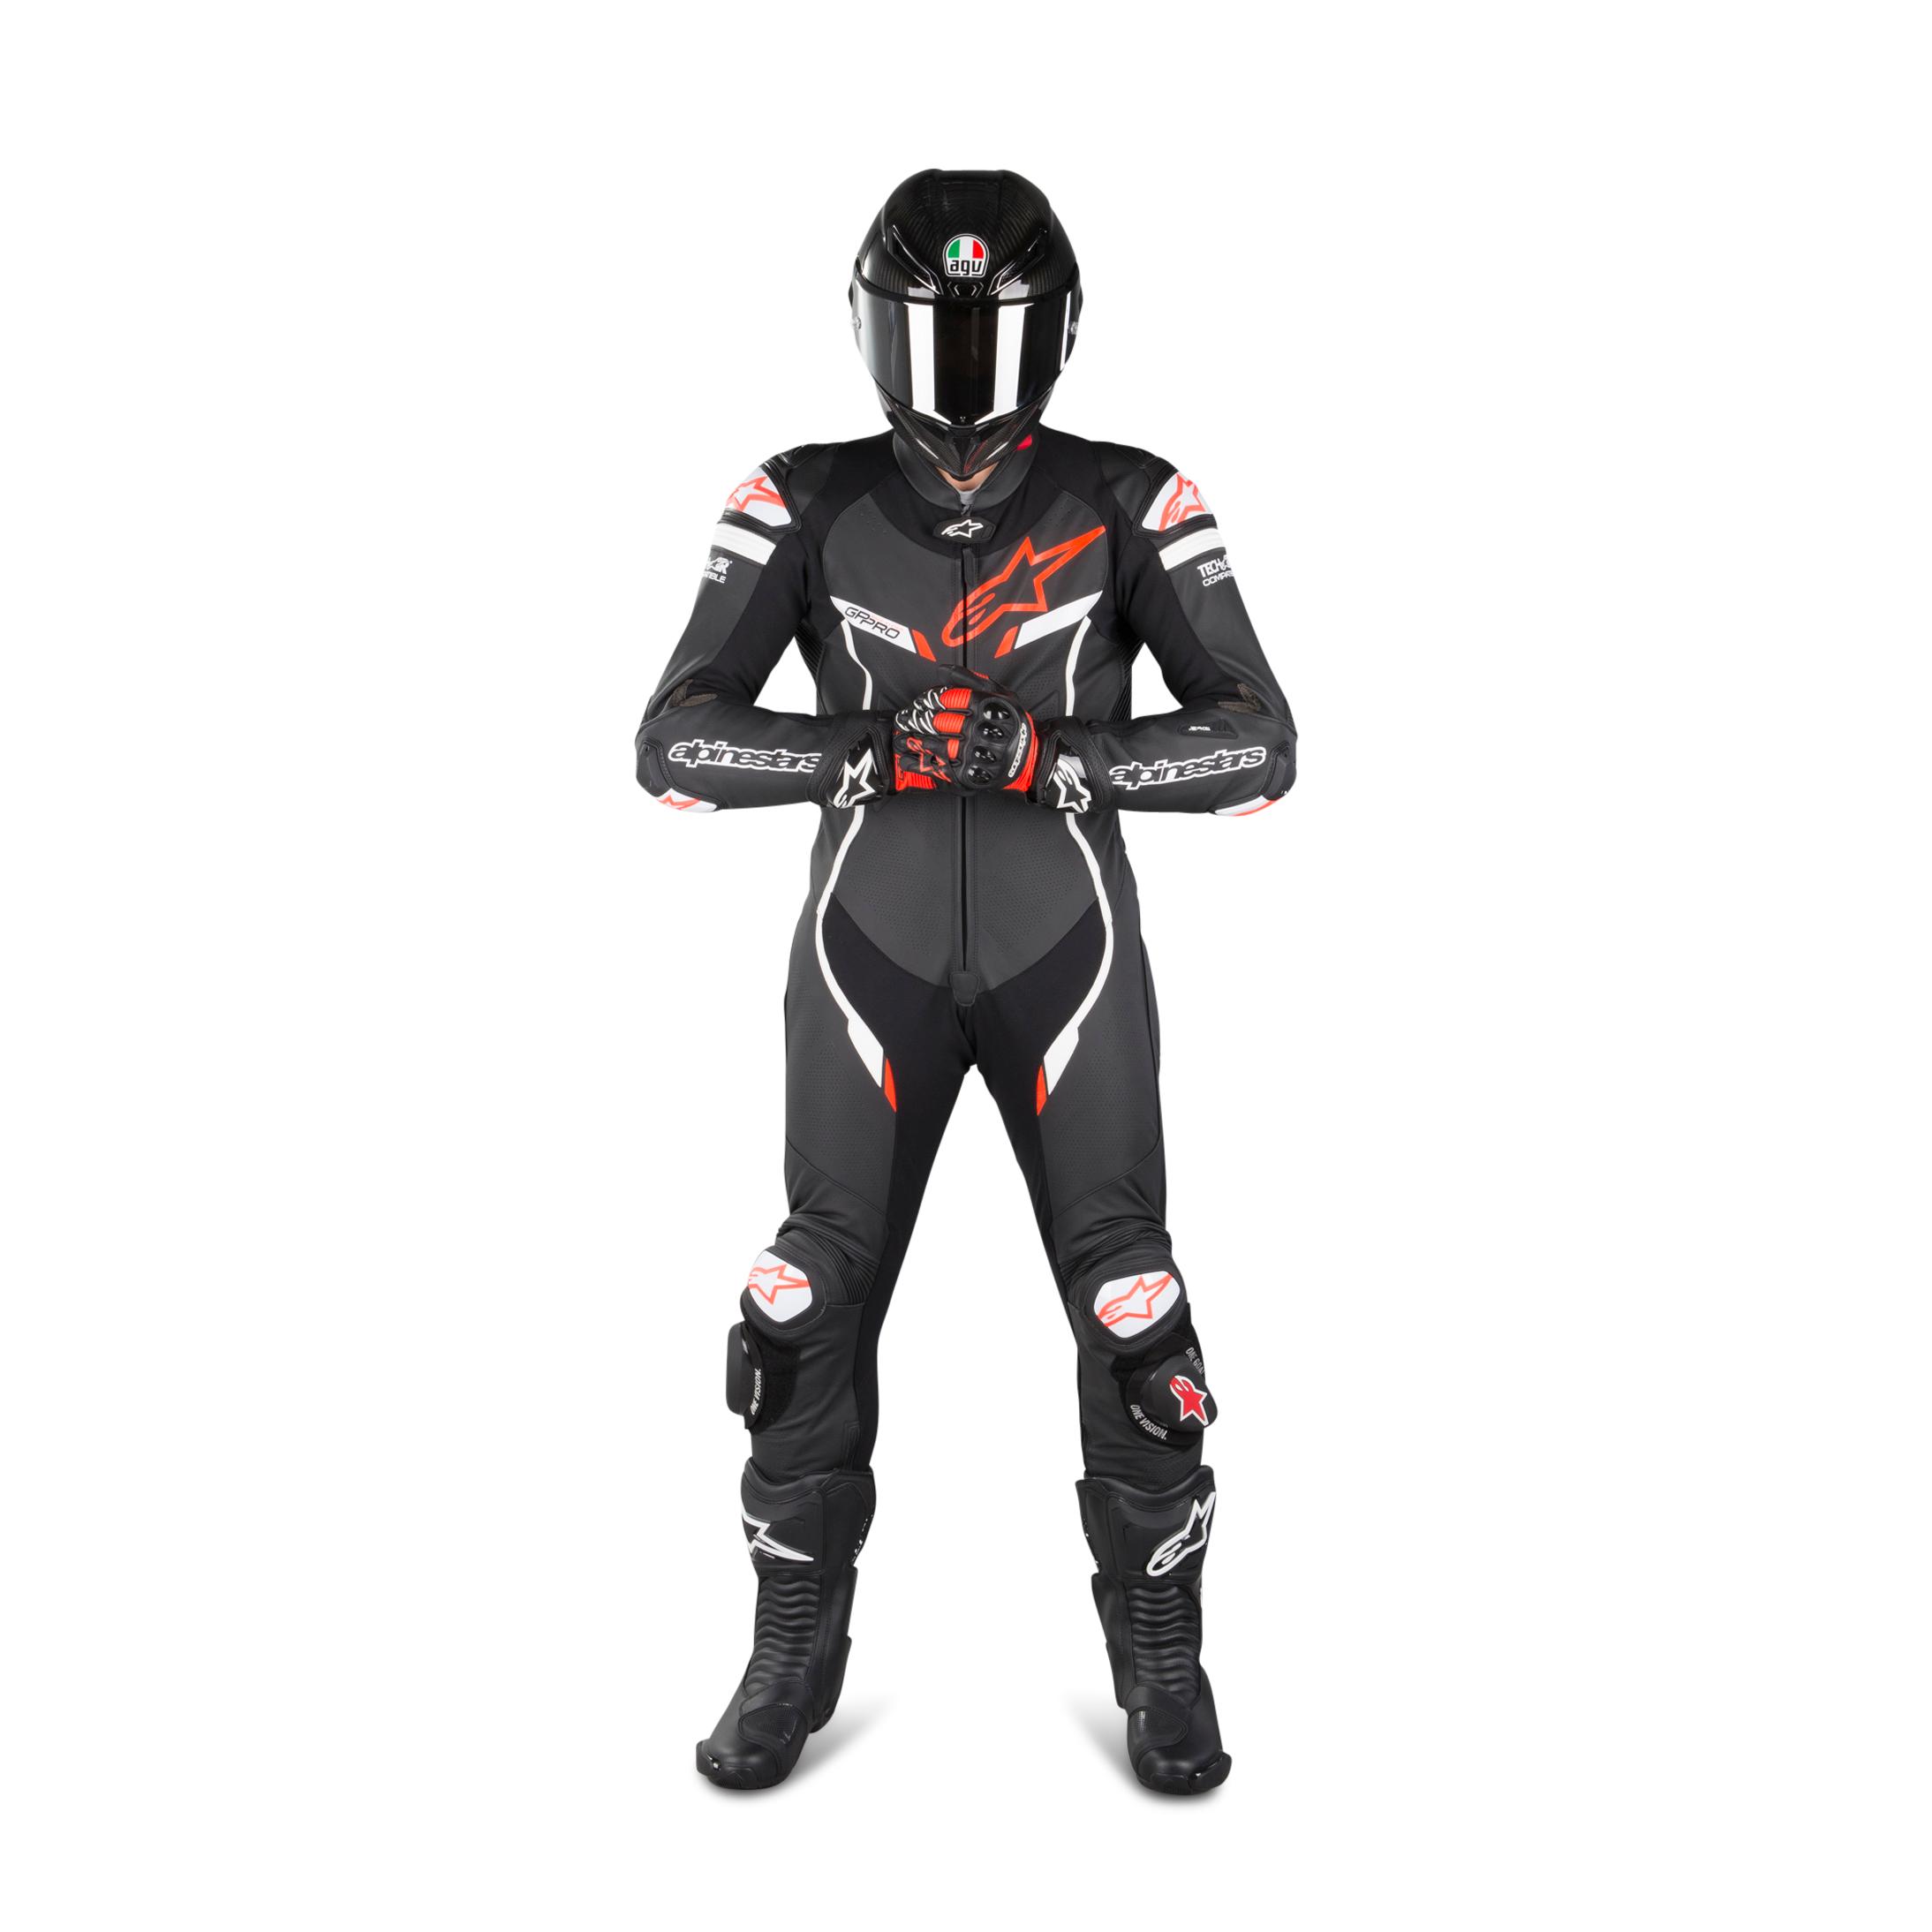 alpinestars tuta in pelle  gp pro v2 tech-air® nero-bianco